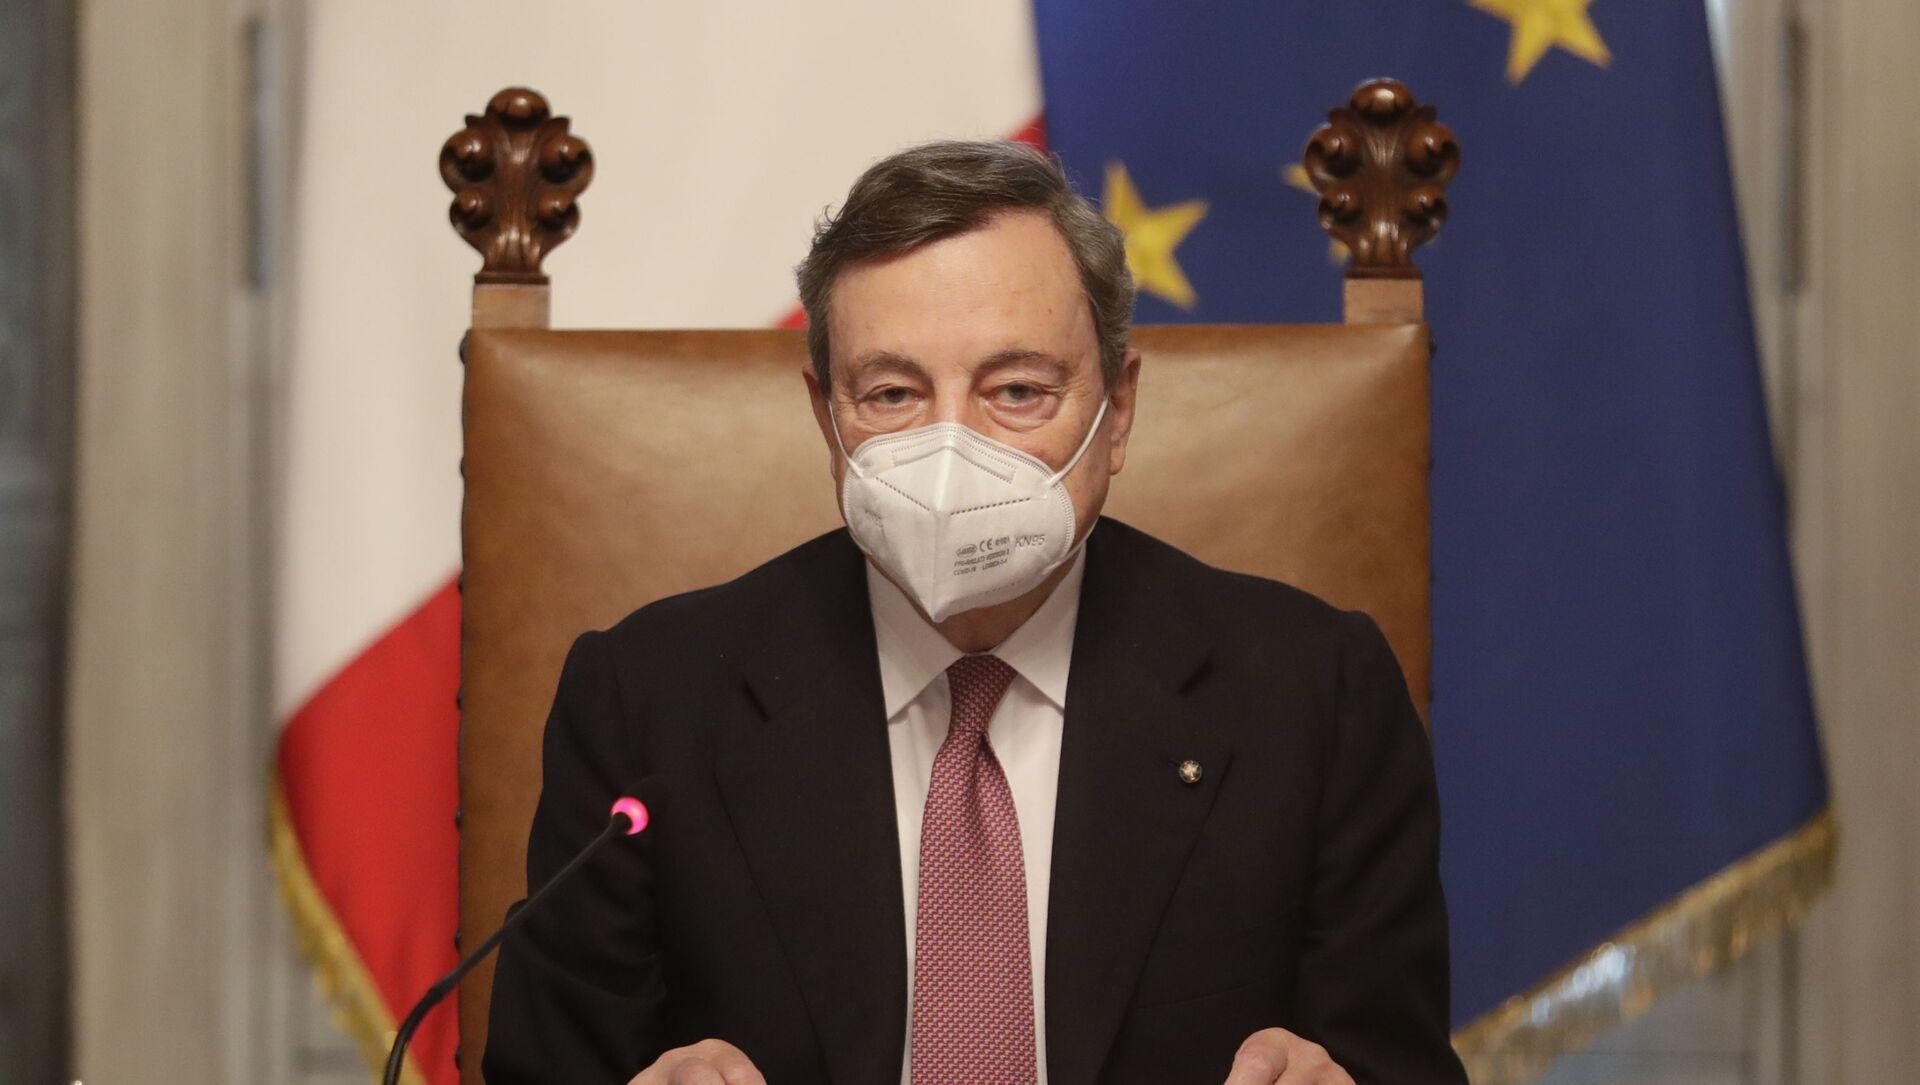 İtalya'nın yeni Başbakanı Draghi - Sputnik Türkiye, 1920, 08.04.2021